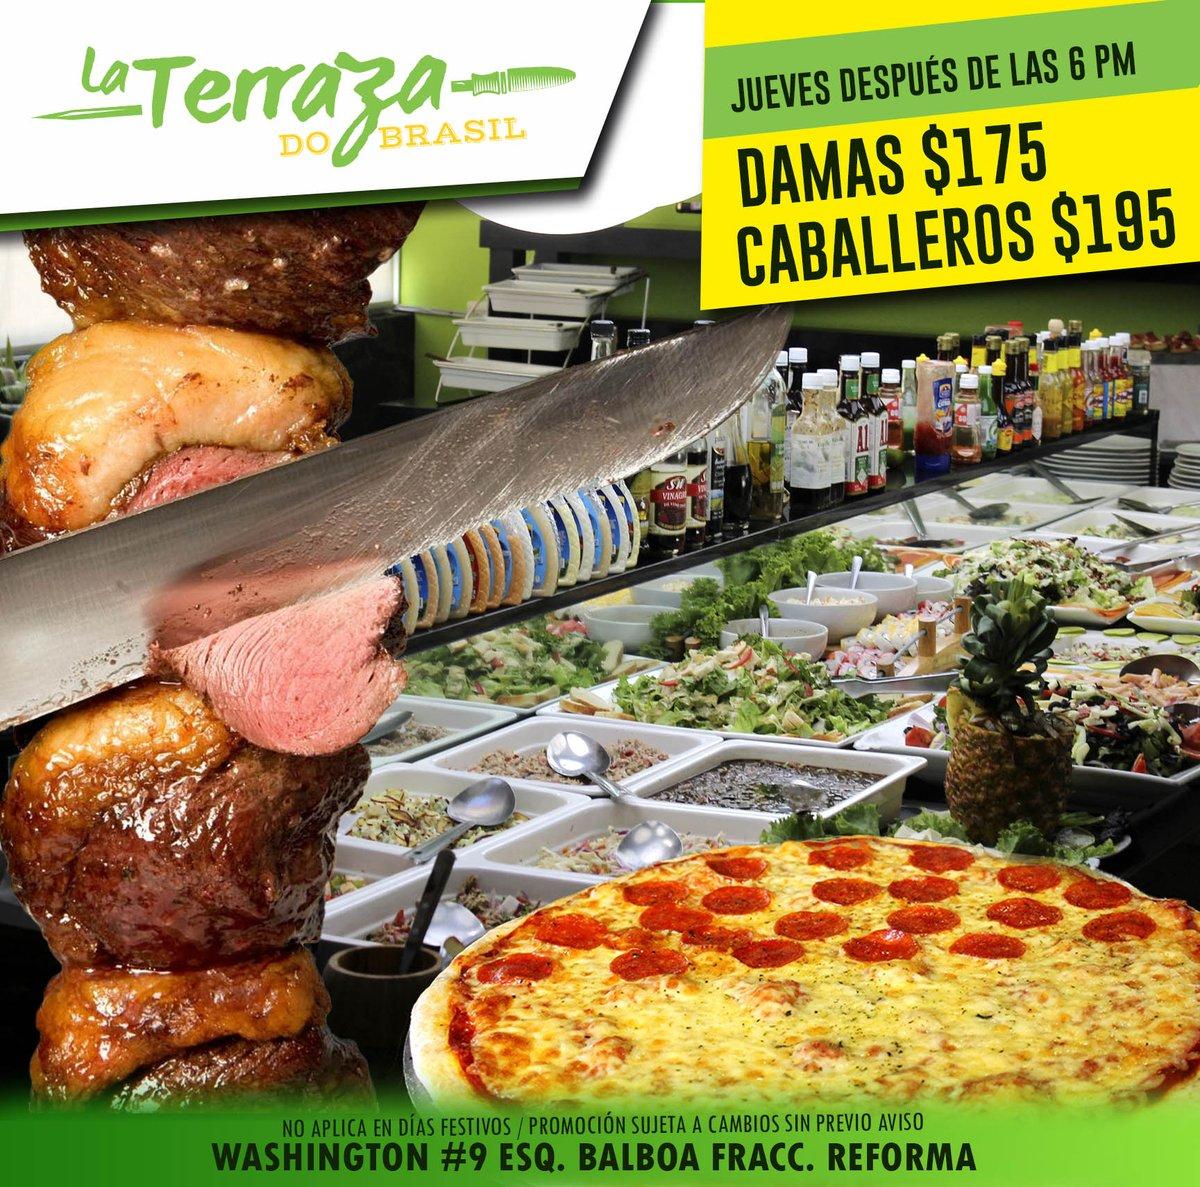 La Terraza Do Brasil On Twitter Buscando Dónde Cenar